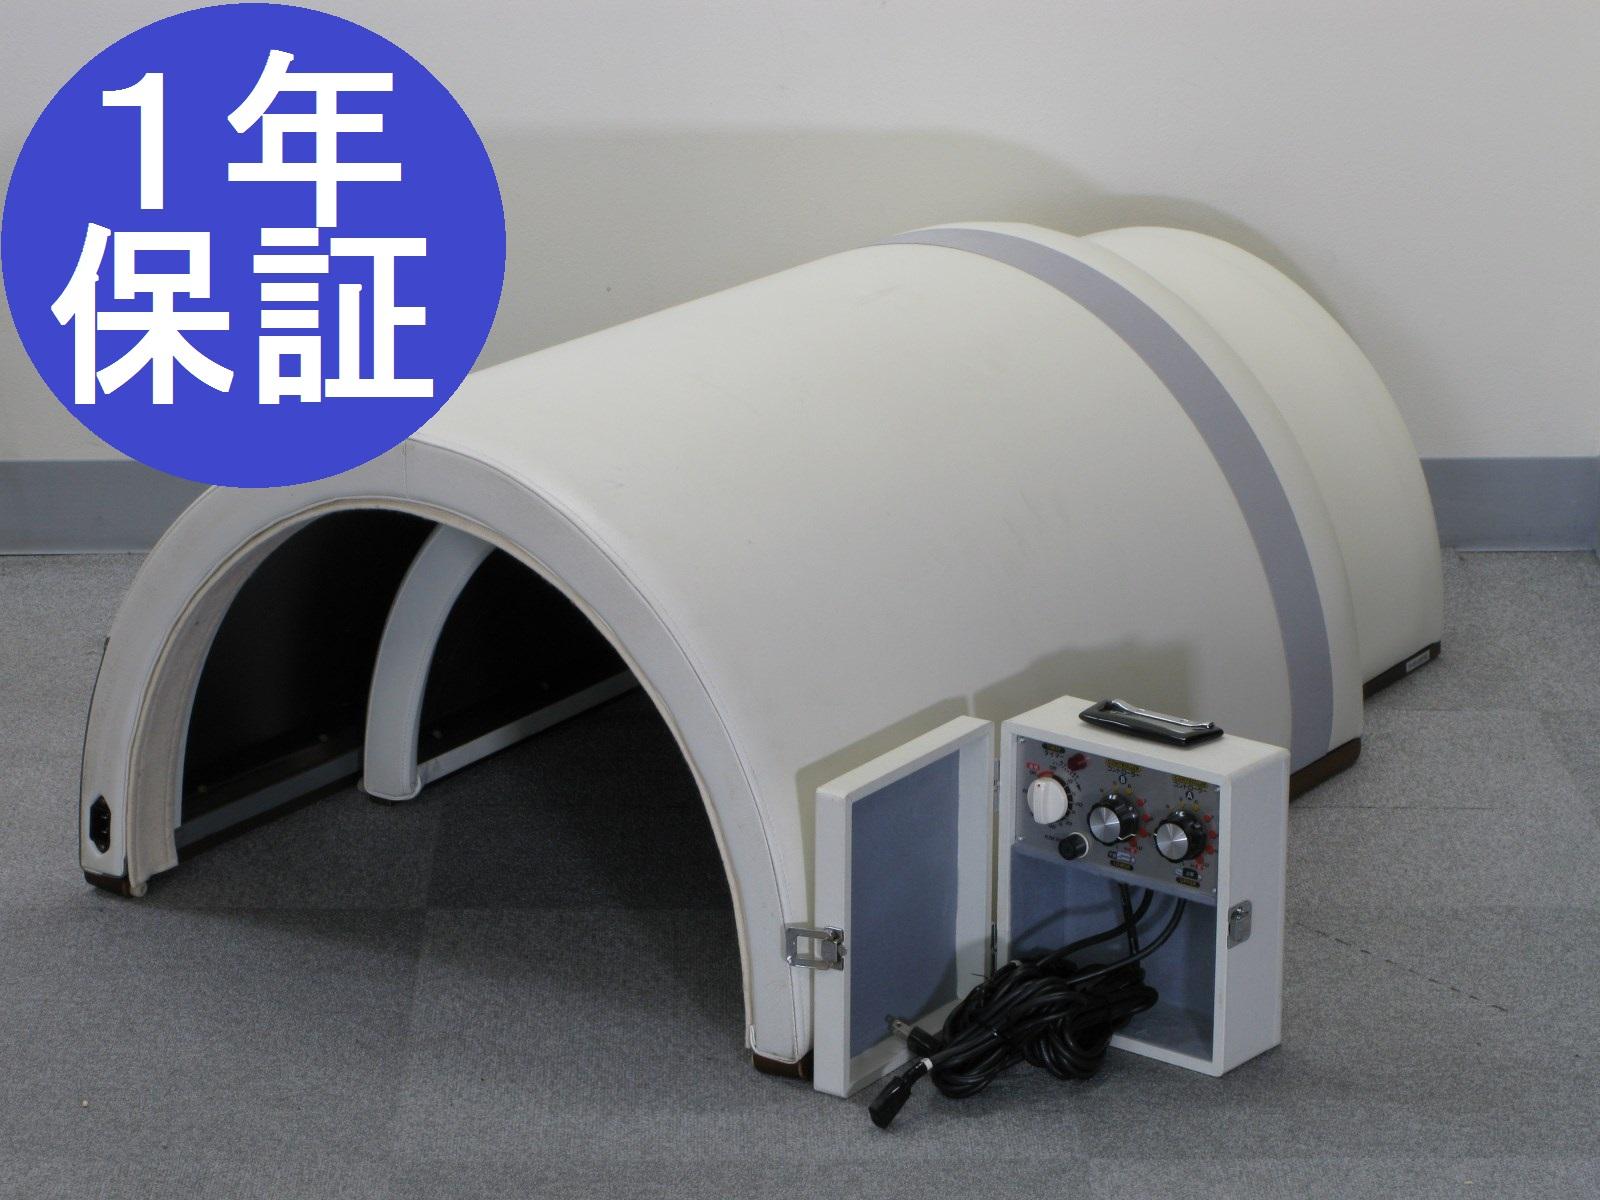 フジカ スマーティ ドーム型 遠赤外線 サウナ 中古 F4-N5